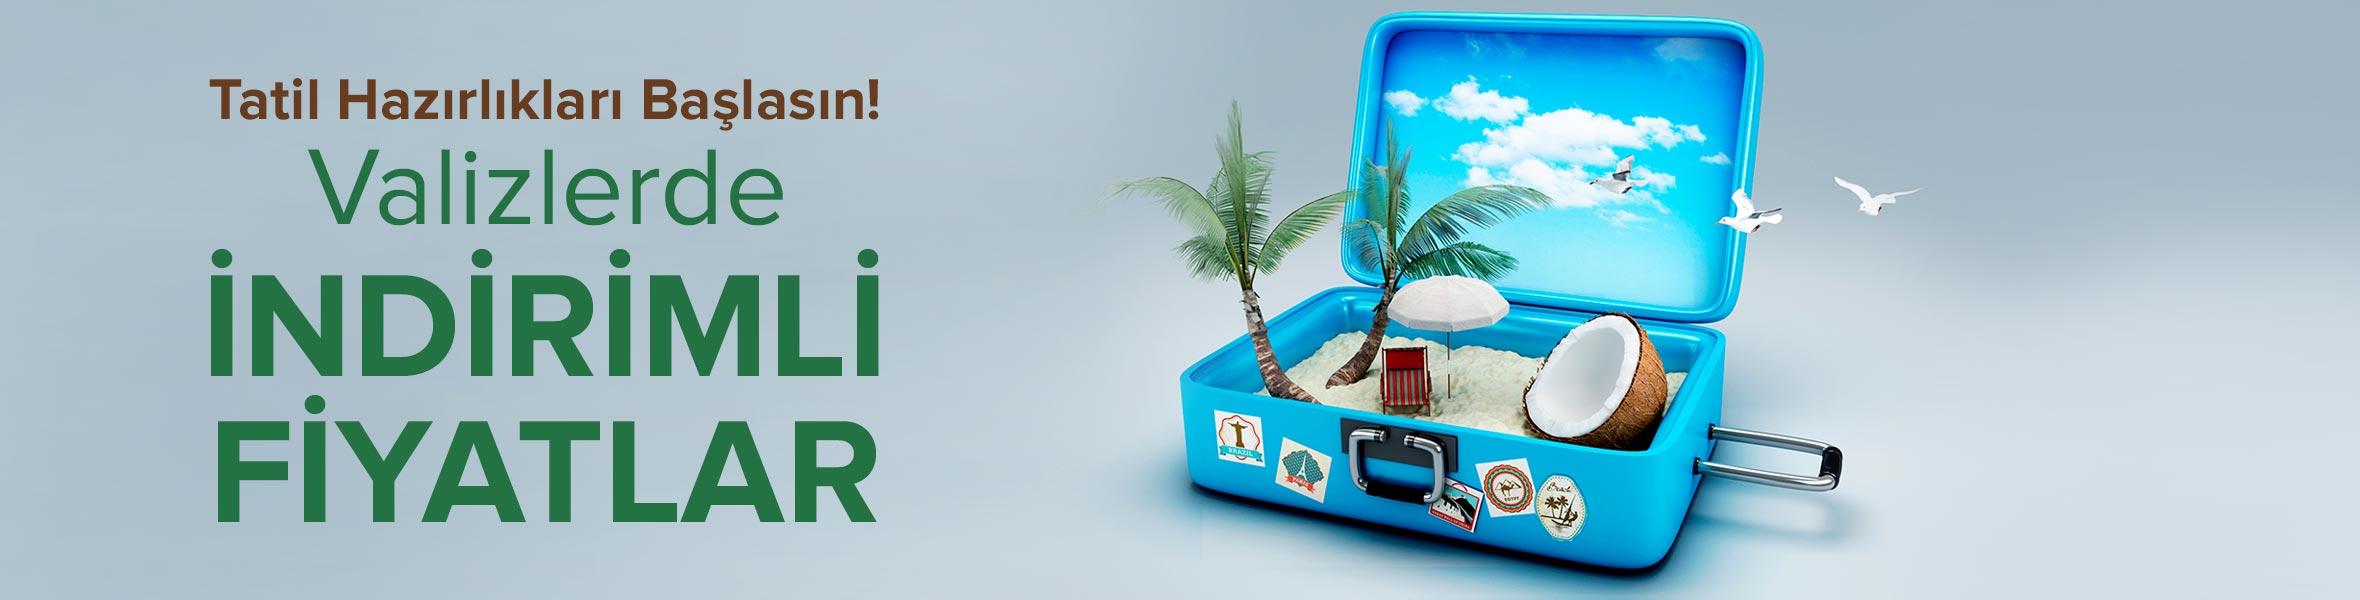 Tatil Hazırlıkları Başlasın! Valizlerde İndirimli Fiyatlar